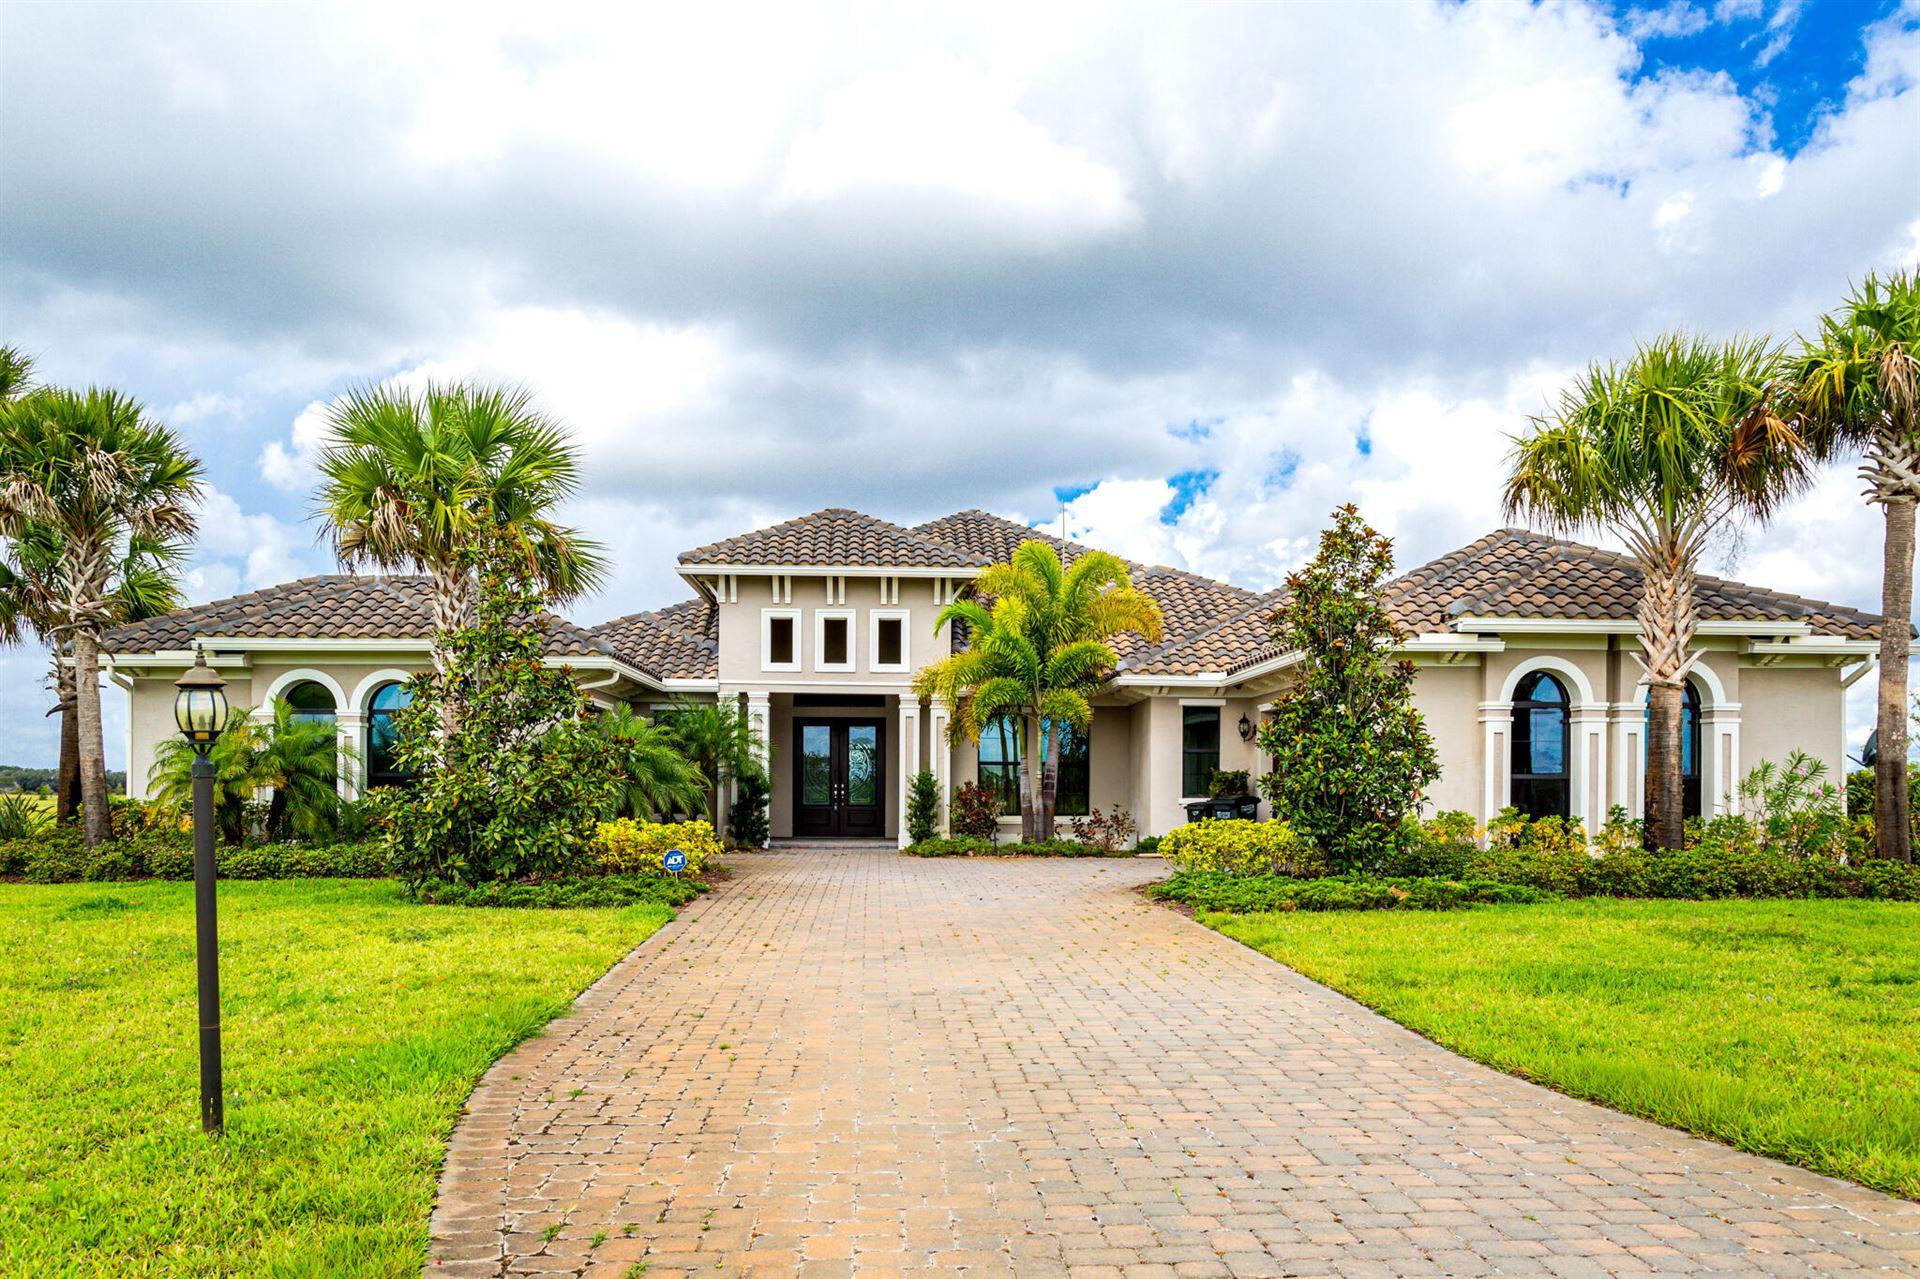 3280 SW Stoneybrook Way, Palm City, FL 34990 - #: RX-10721382